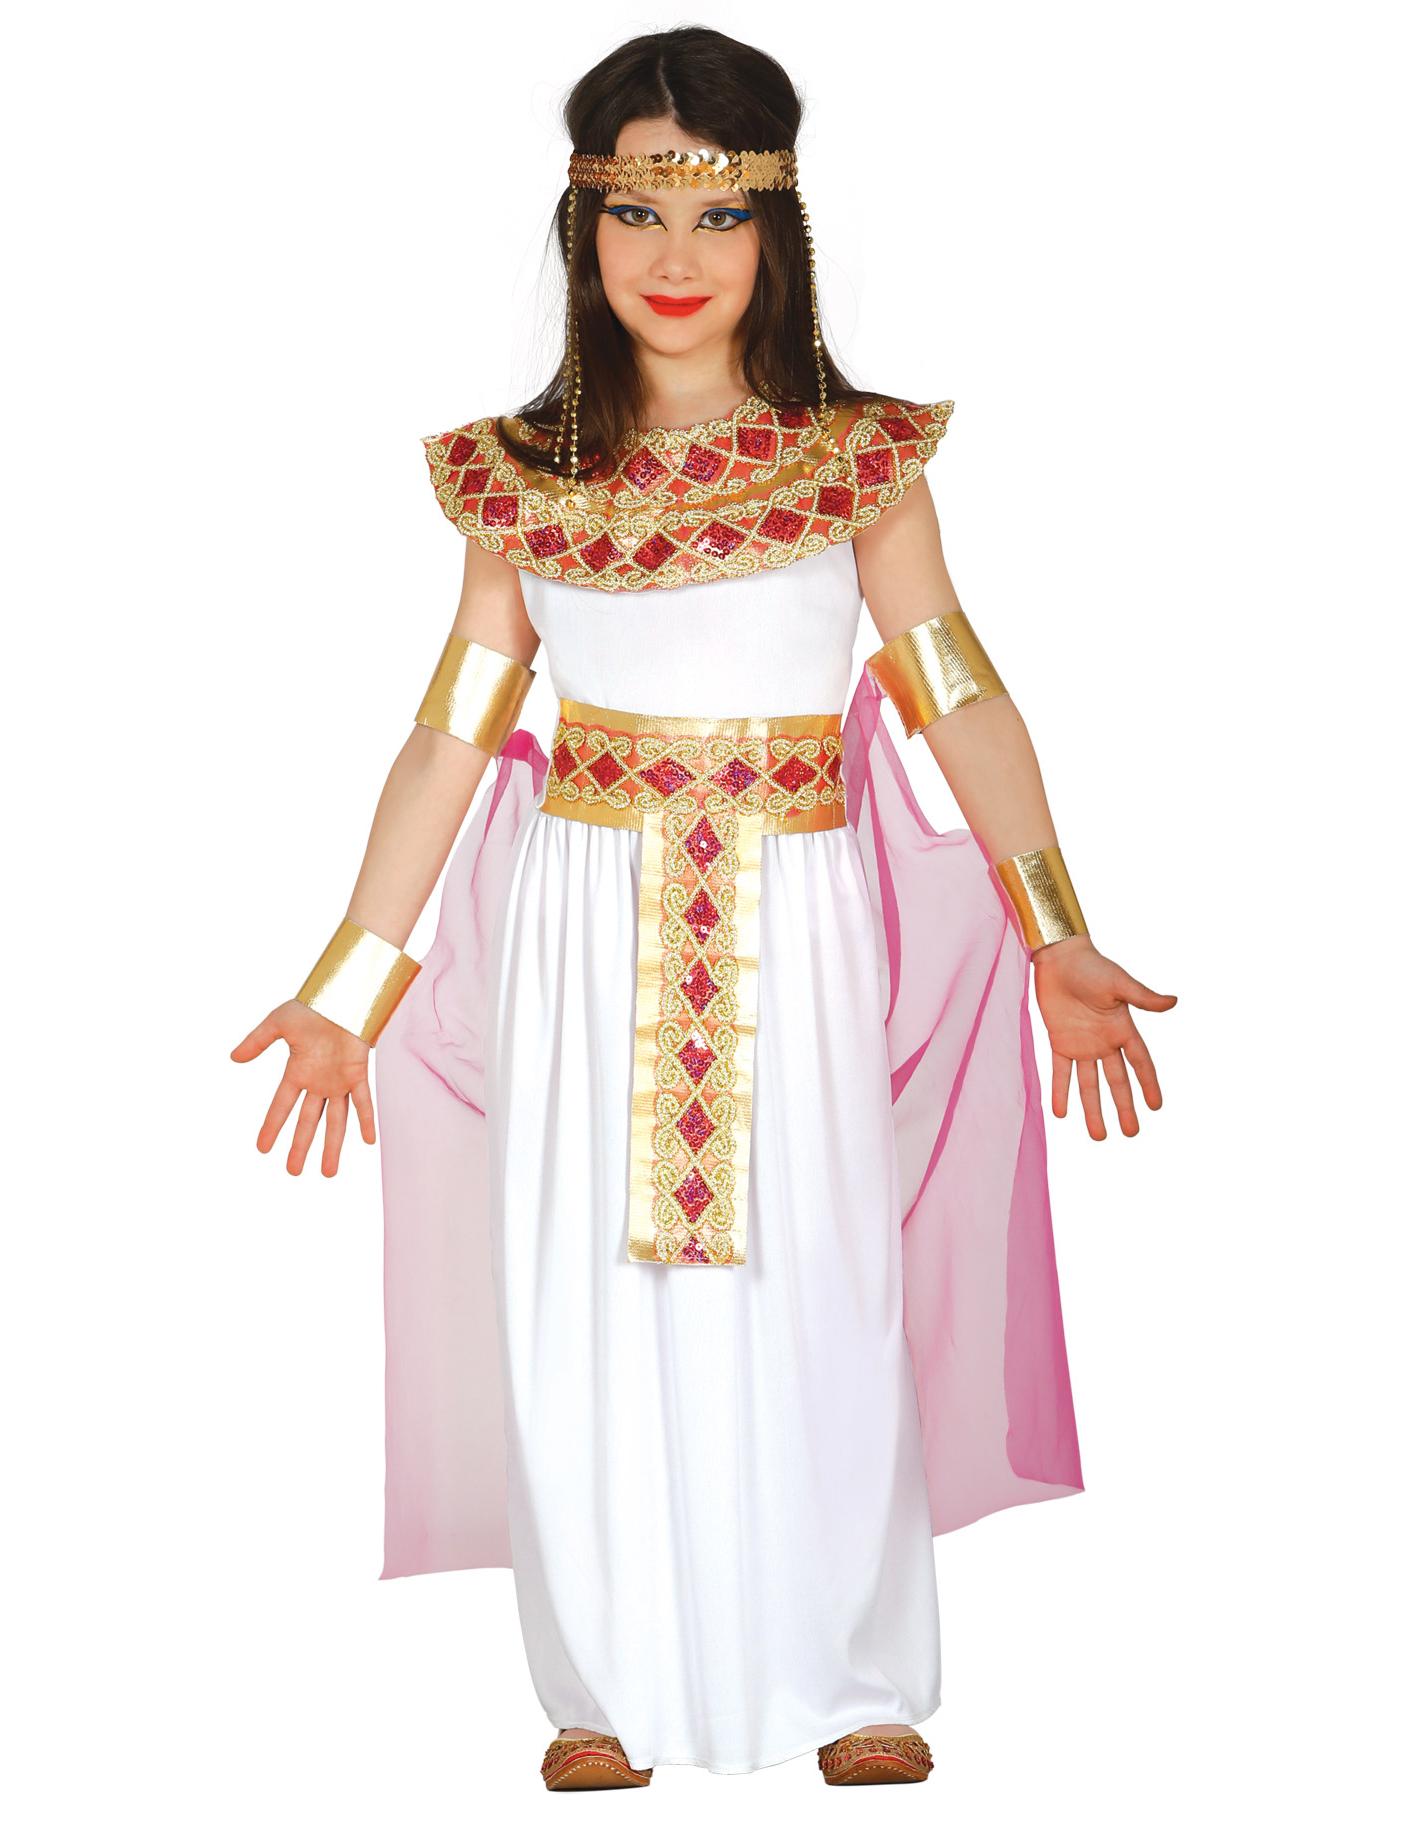 8ca2a8d25113 Costume da Antica Egizia rosa e dorato per bambina: Costumi bambini ...